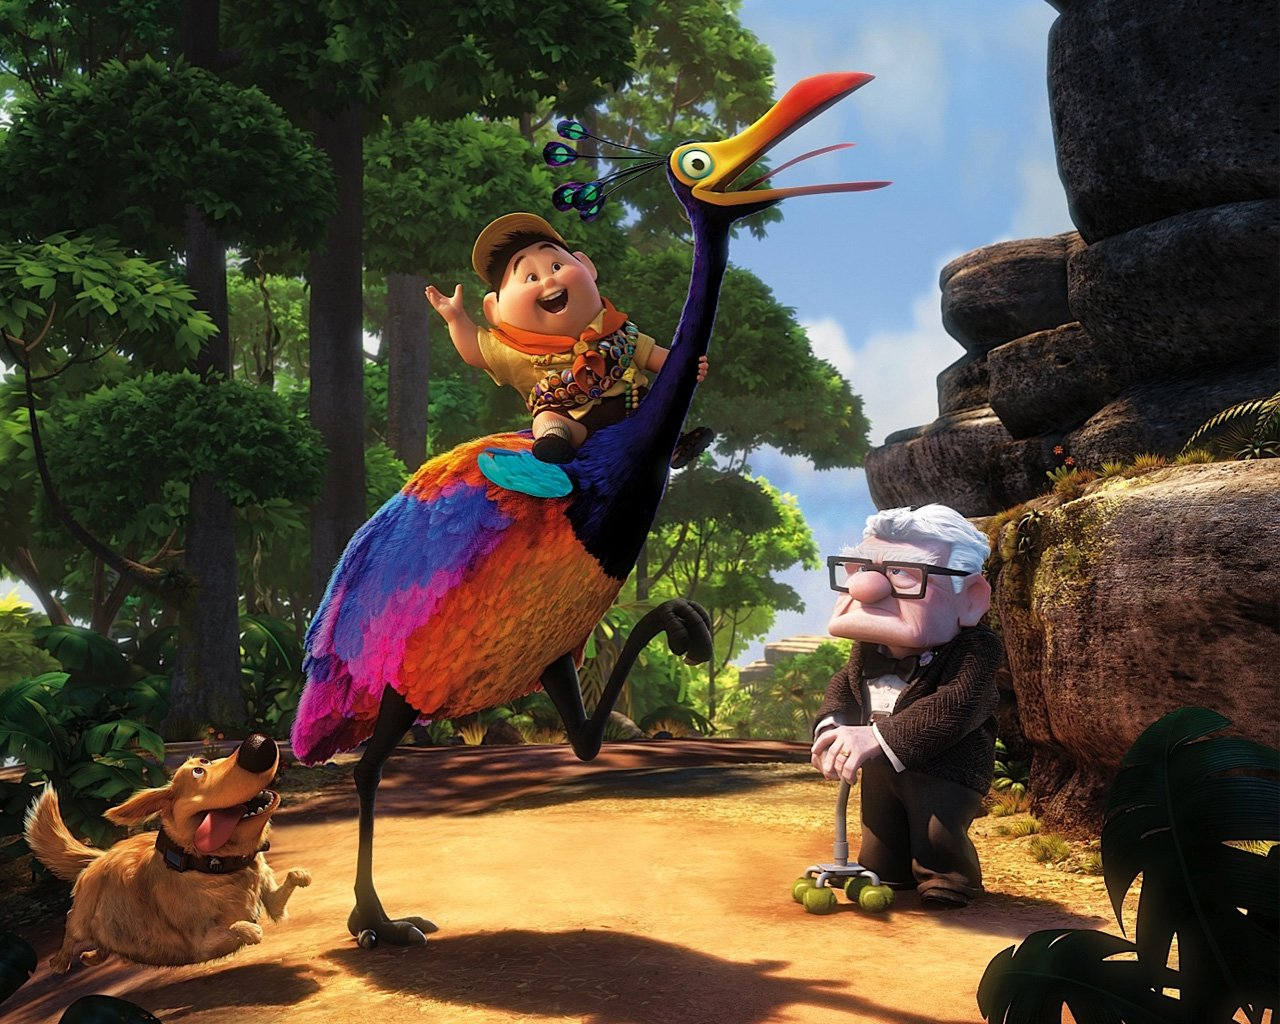 Disney Pixar Up Wallpaper Backgrounds Desktop Wallpapers 1280x1024